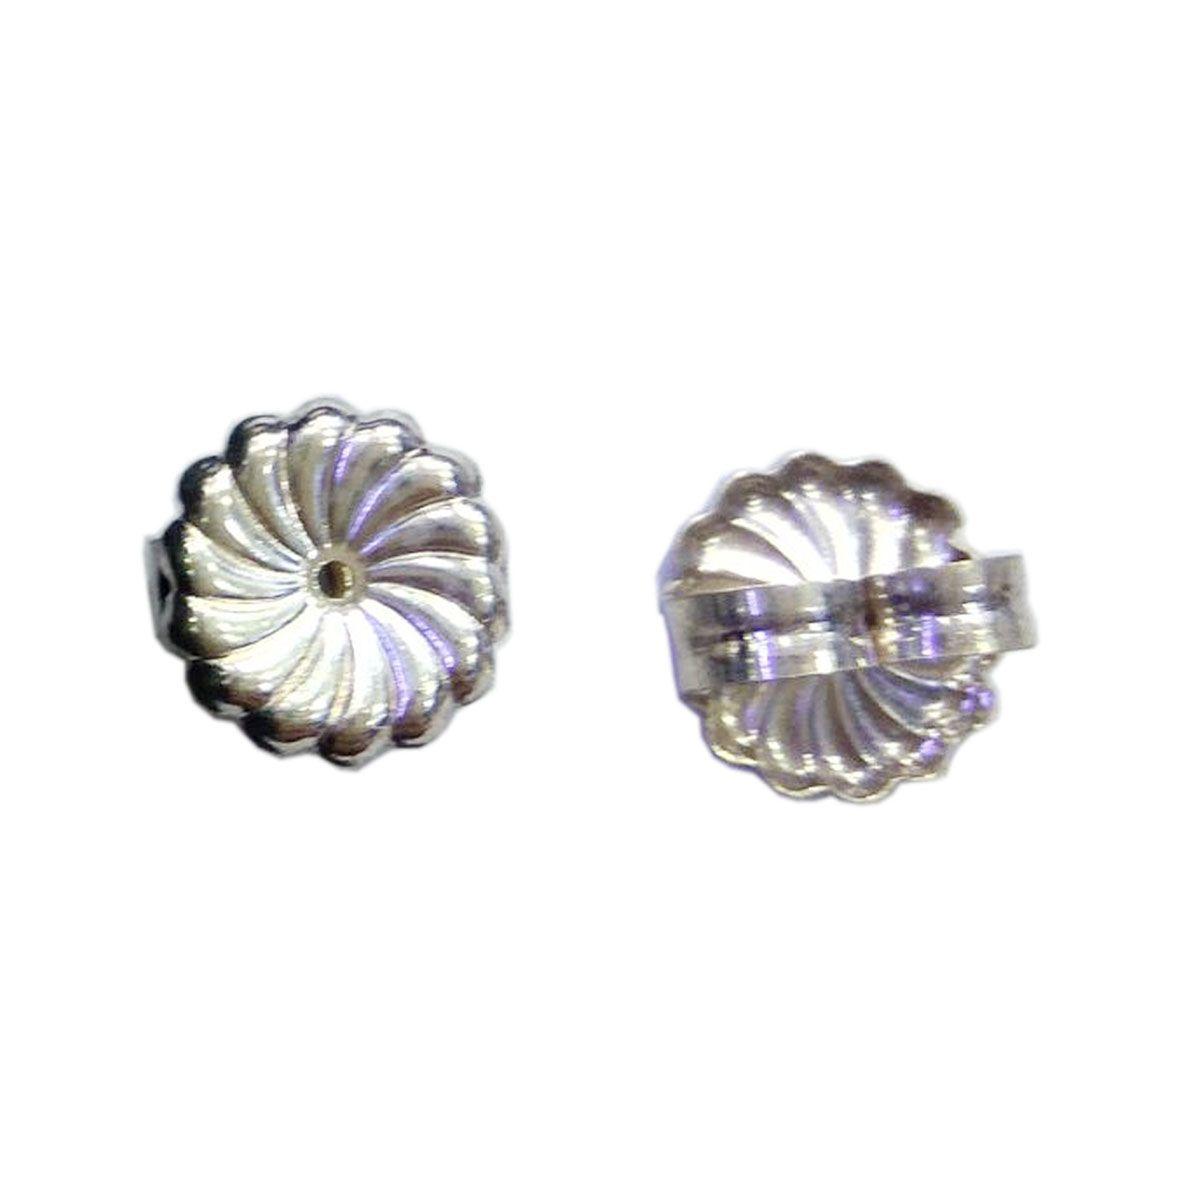 wholesale 925 Sterling Silver Jewelry Finding Ear Nut Earring Back ID37587